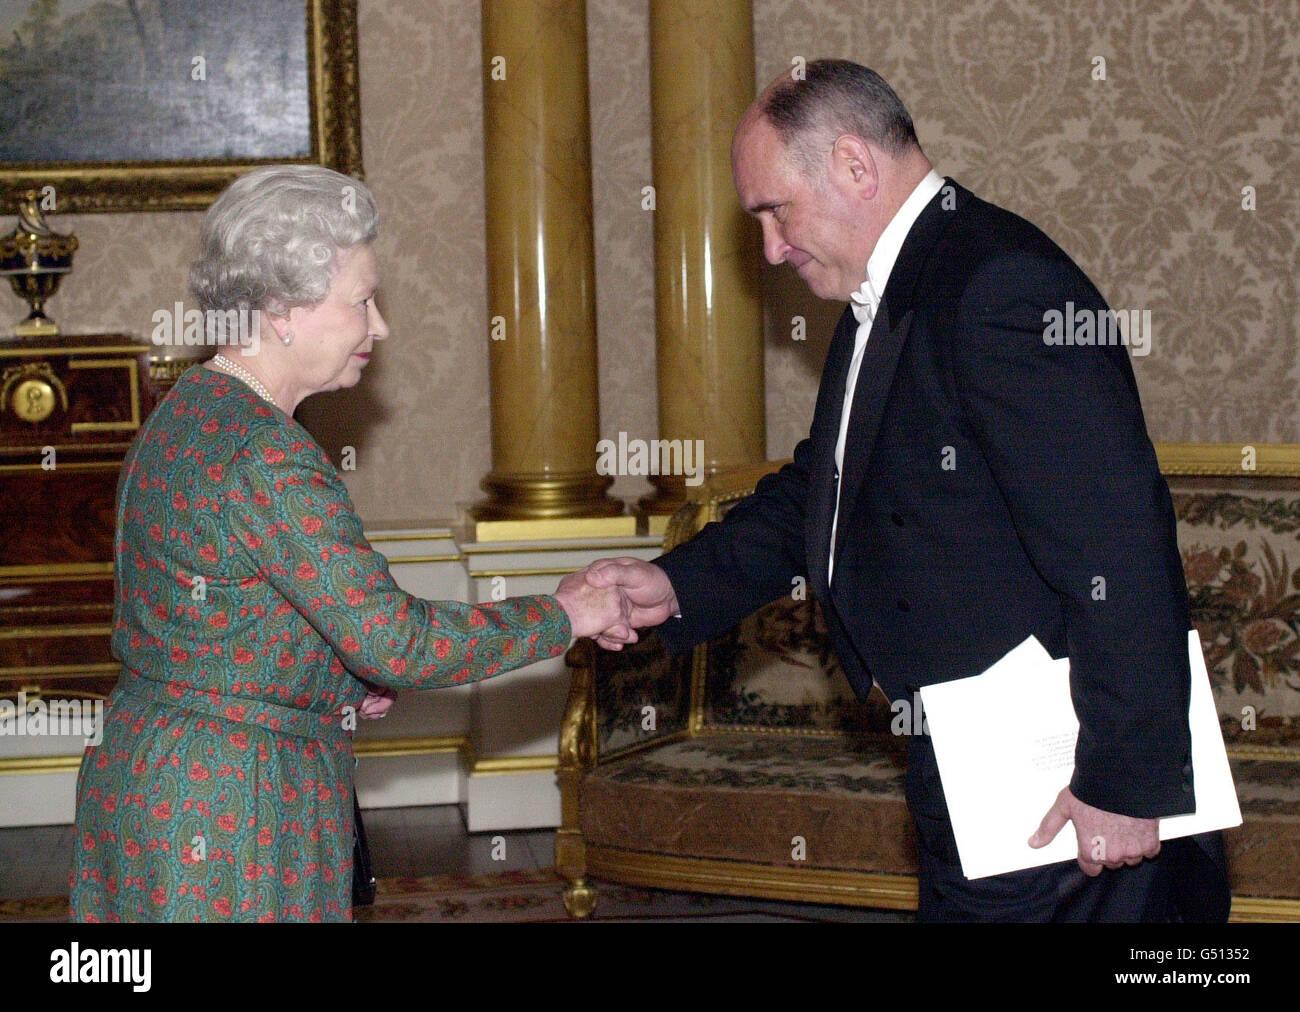 Queen Russia Ambassador Karasin - Stock Image